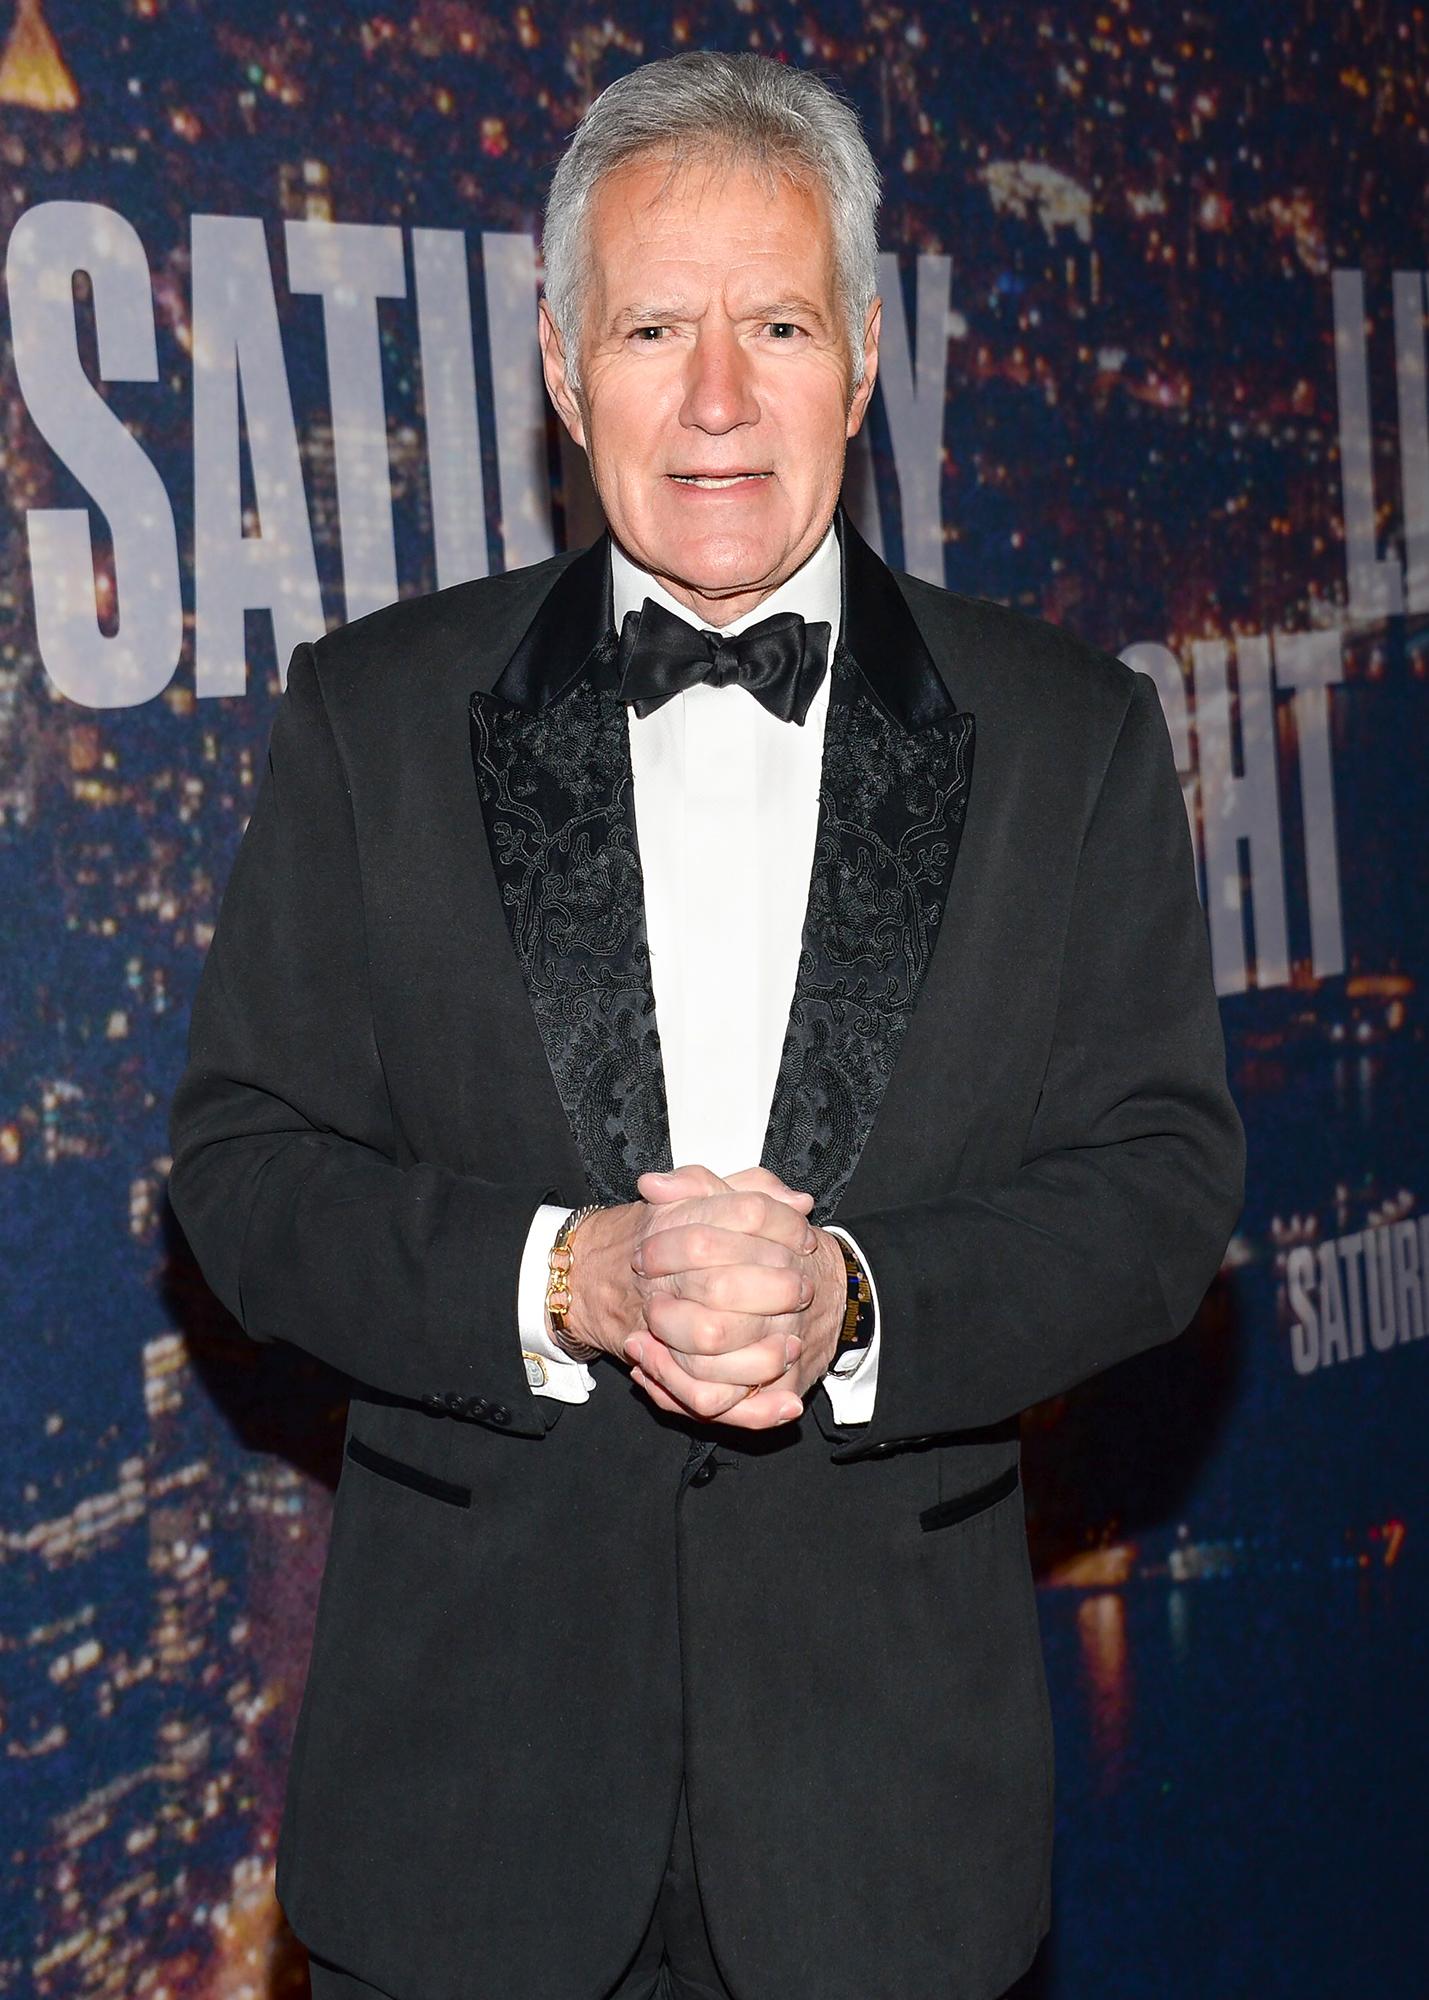 Alex Trebek Dead: Stars Pay Tribute to 'Jeopardy' Host